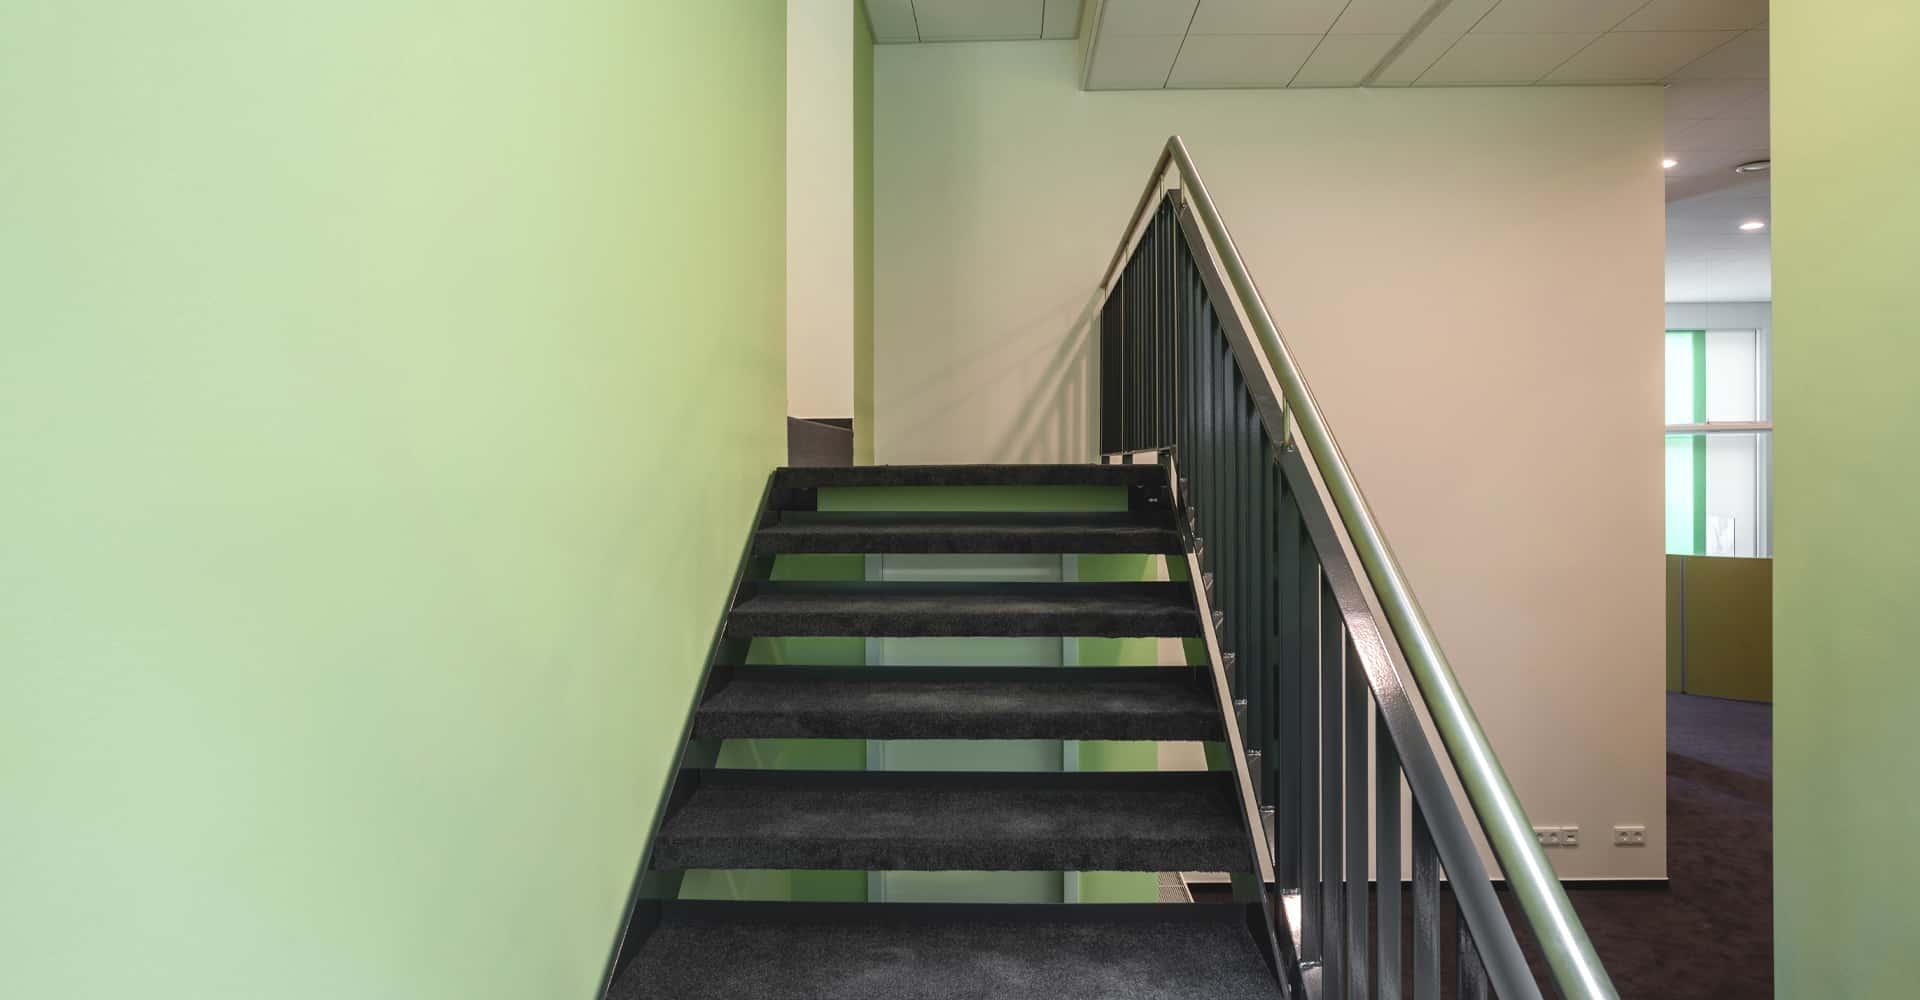 KADUR Gruppe AOK PLUS Filiale Dresden Treppenaufgang